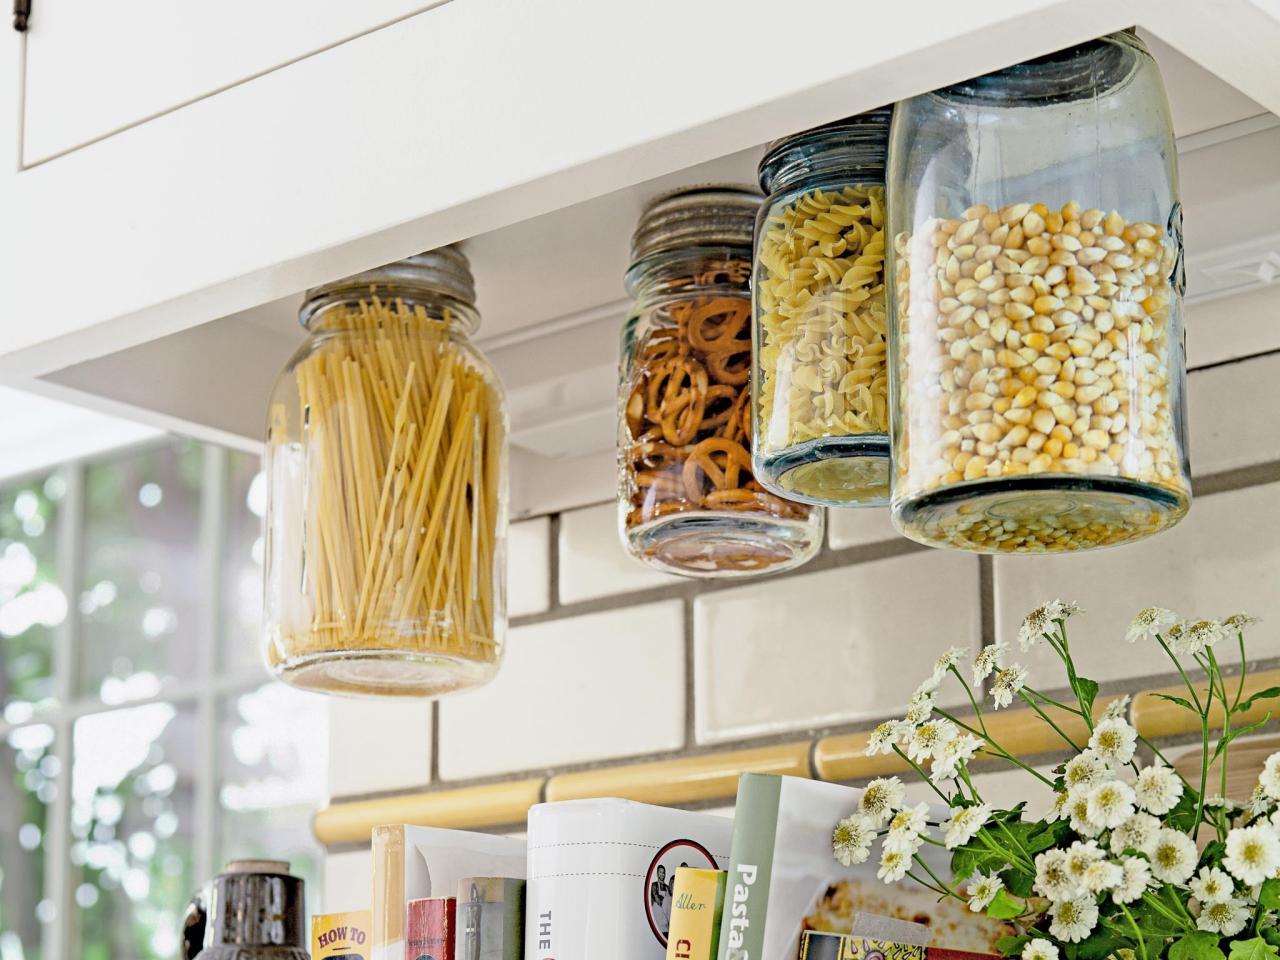 kitchen organizer12